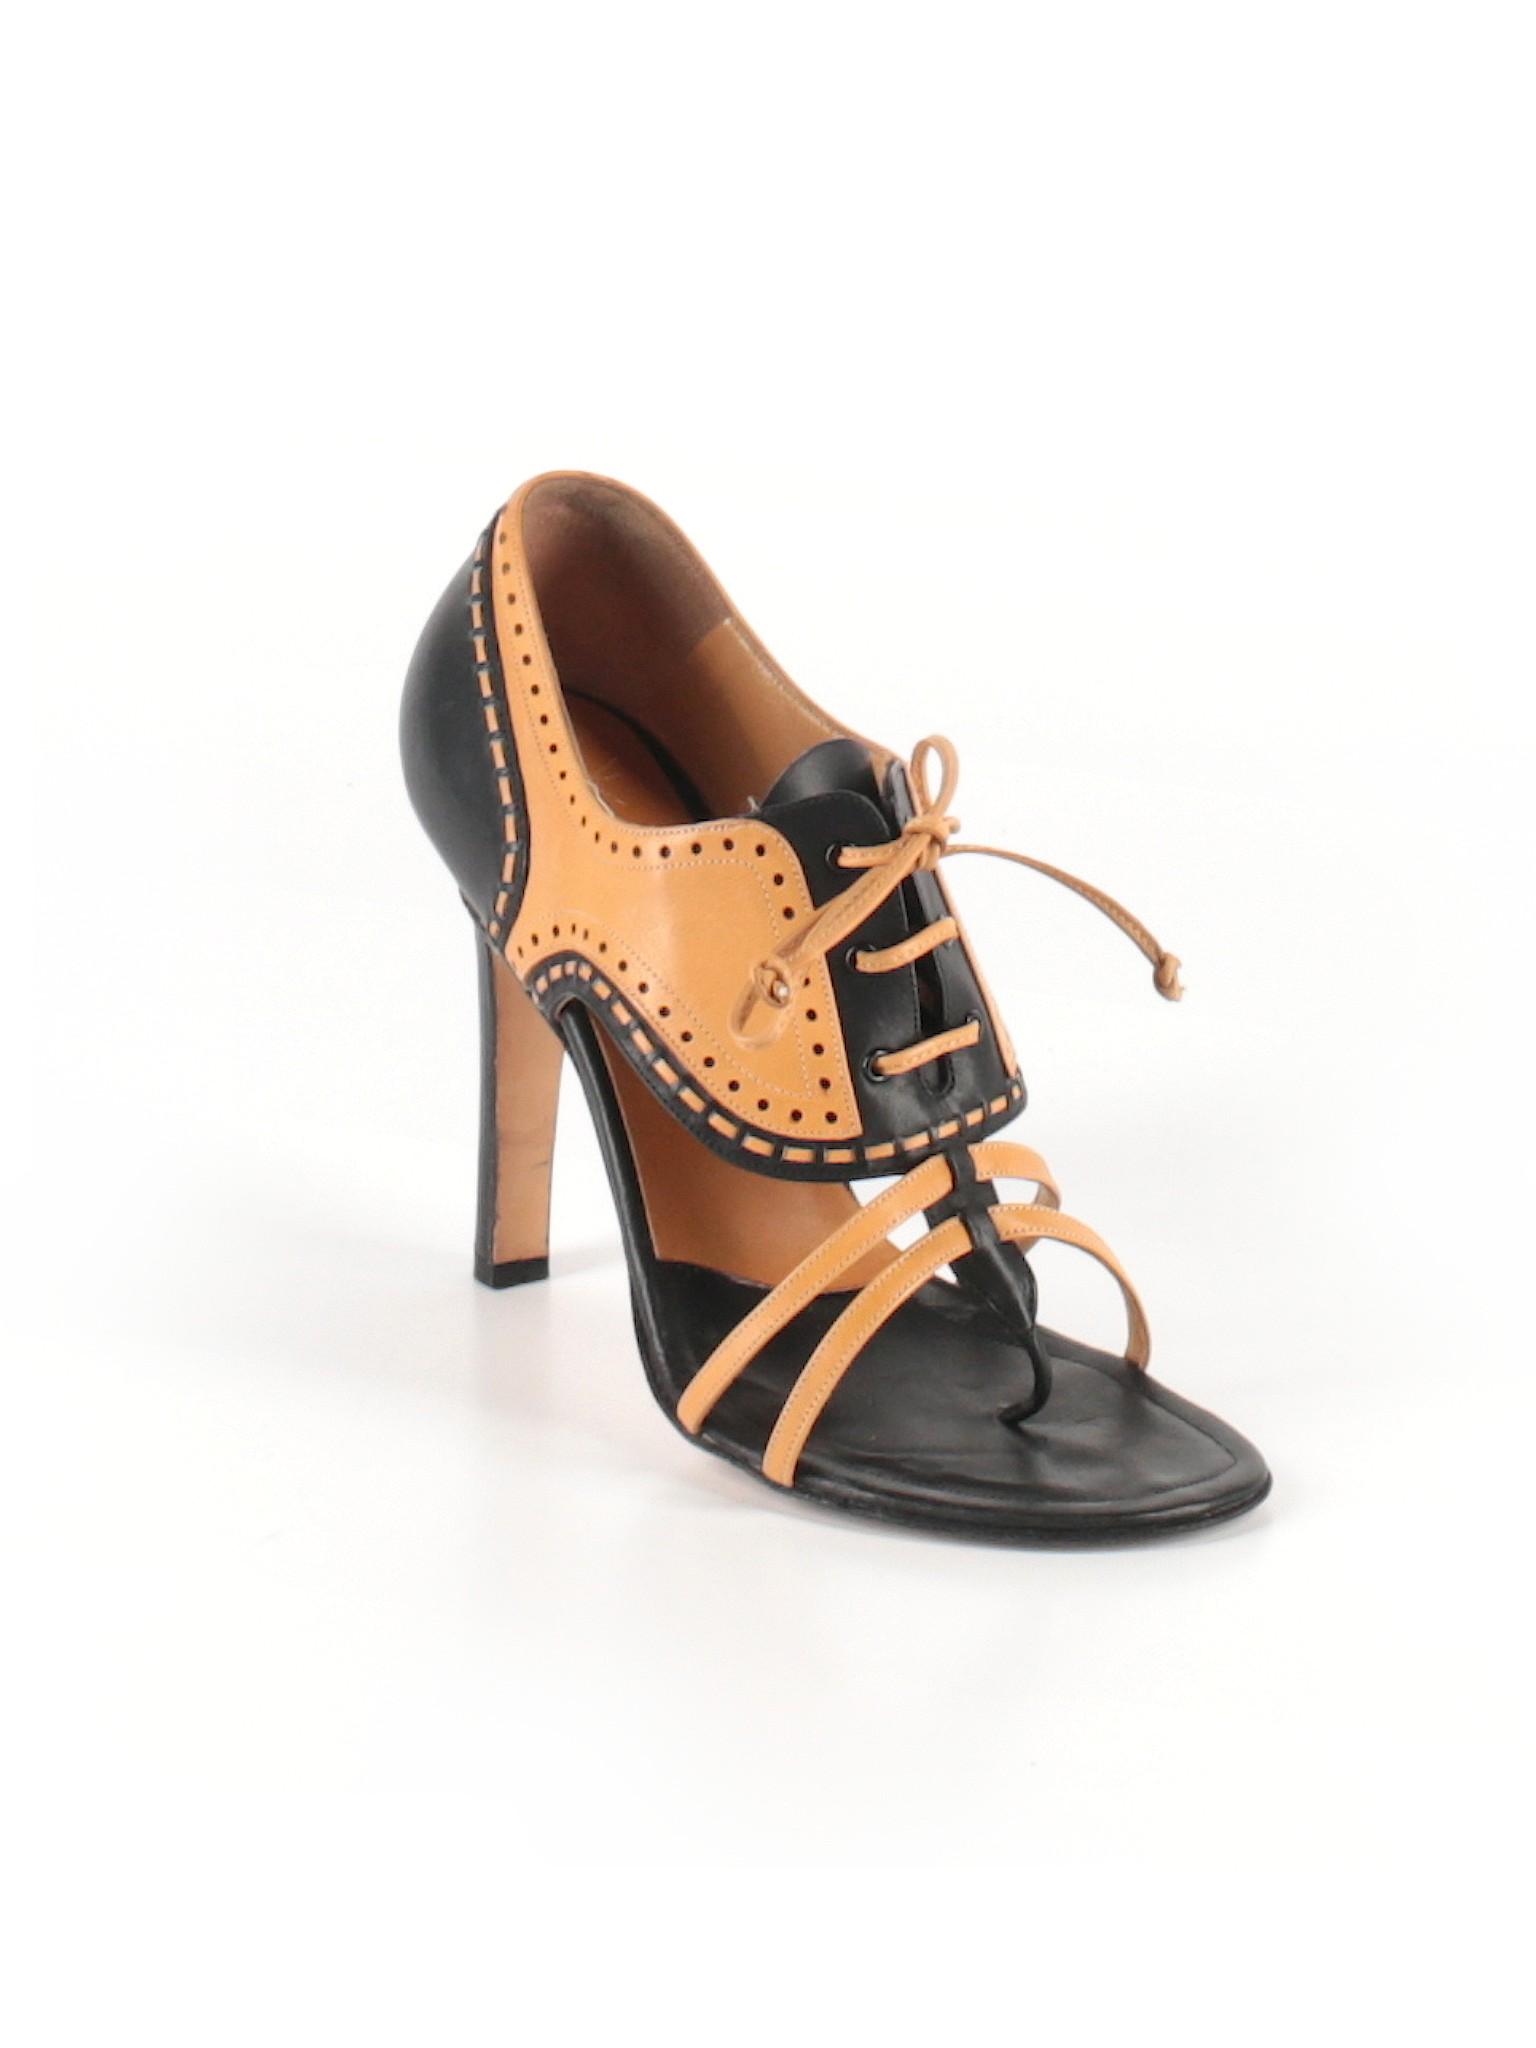 Heels promotion Blahnik Boutique Boutique Manolo promotion x0qBxvz1w